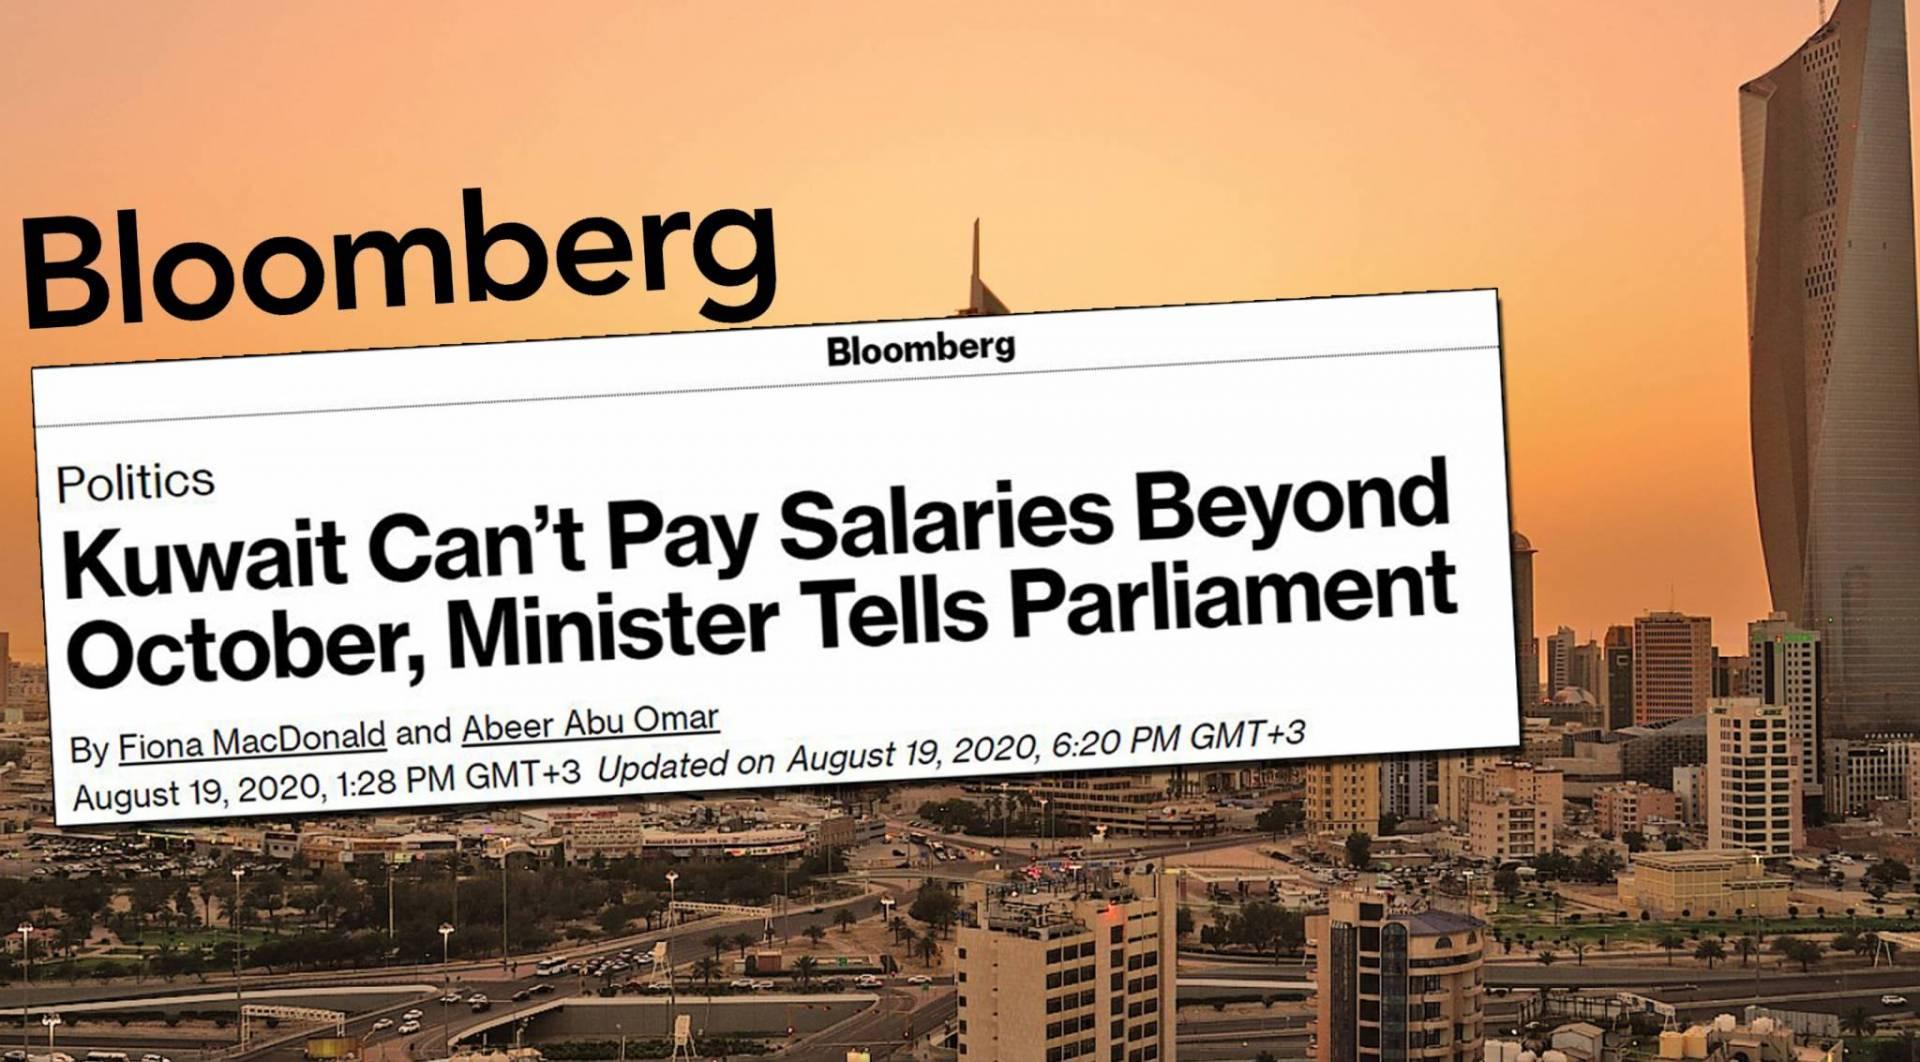 «بلومبيرغ»: الكويت لا تستطيع دفع الرواتب بعد شهر أكتوبر.. حسب أقوال وزير المالية